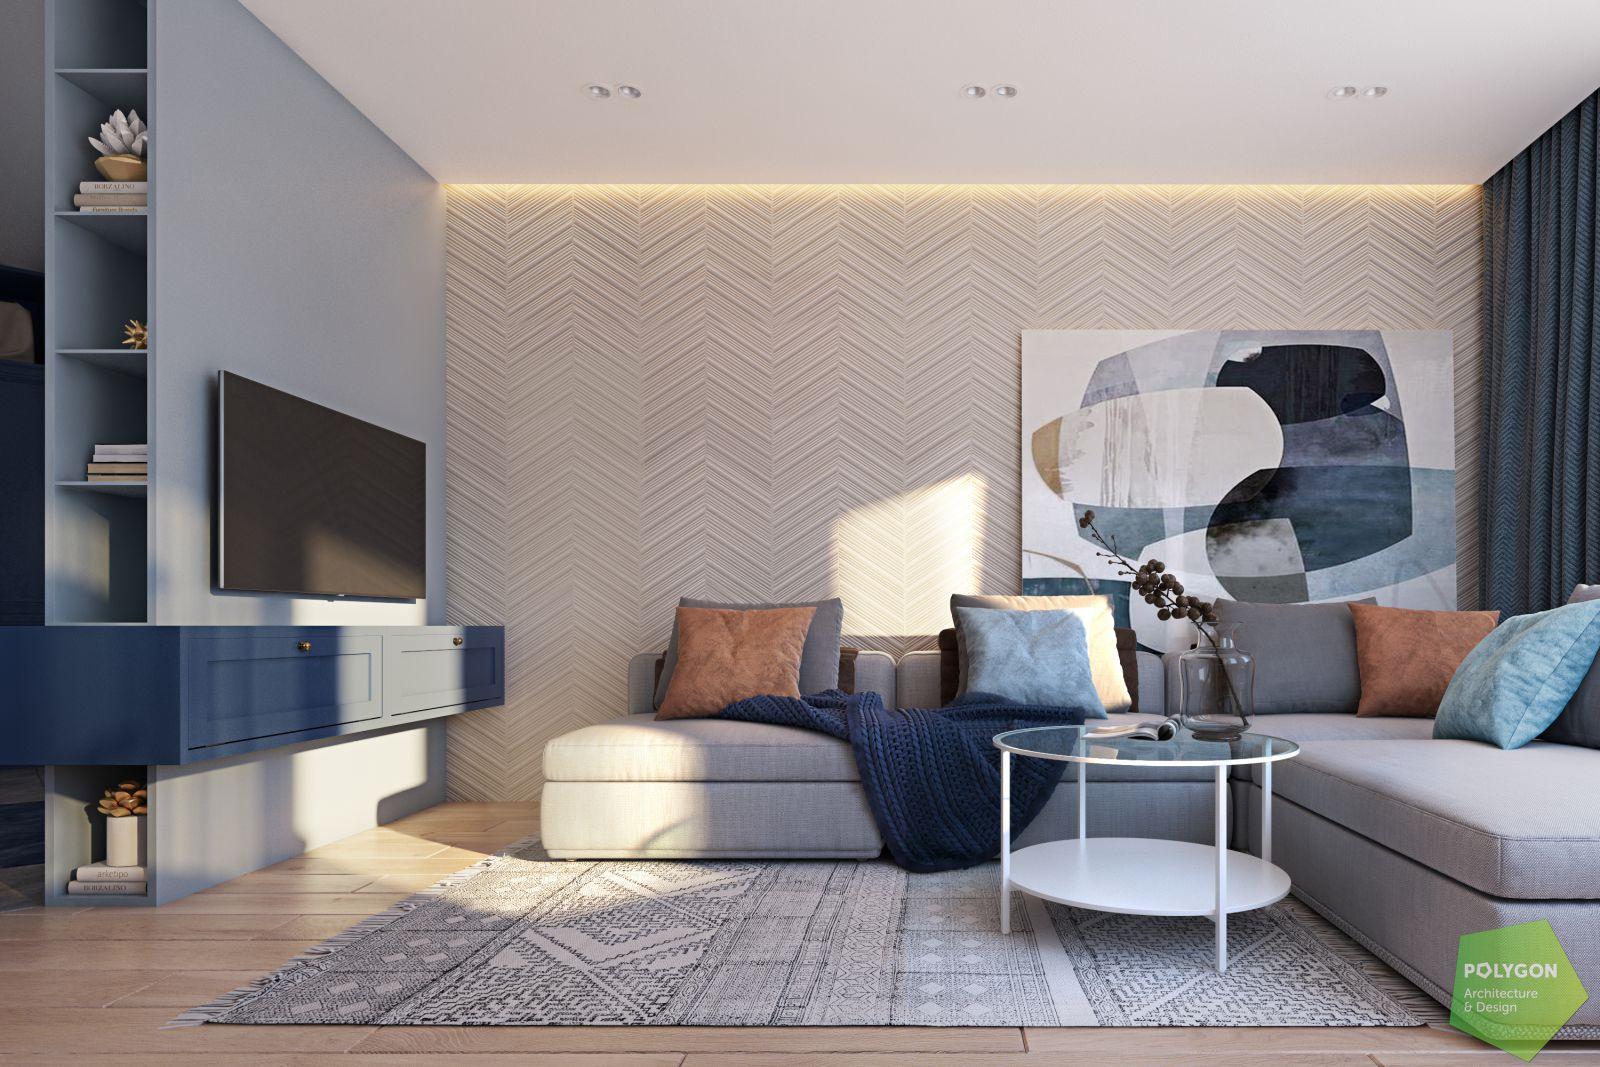 візуалізація вітальні у #sea_house від polygon